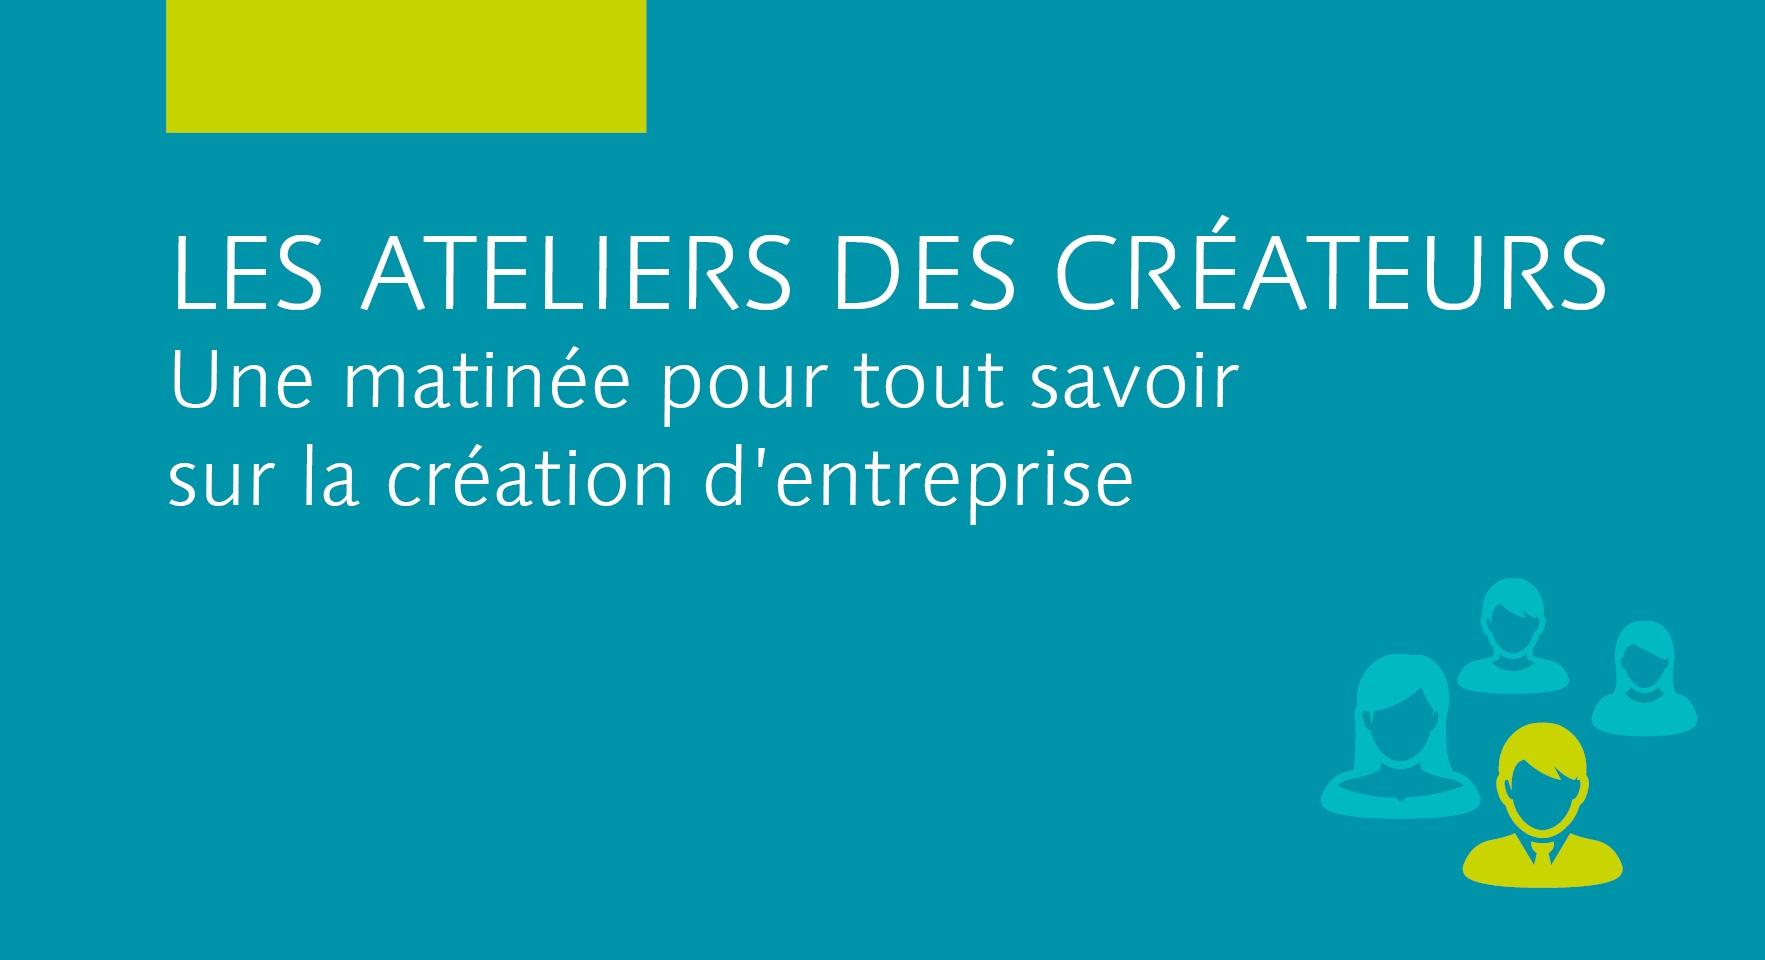 Ateliers des Créateurs (mai 2020) - ANNULE